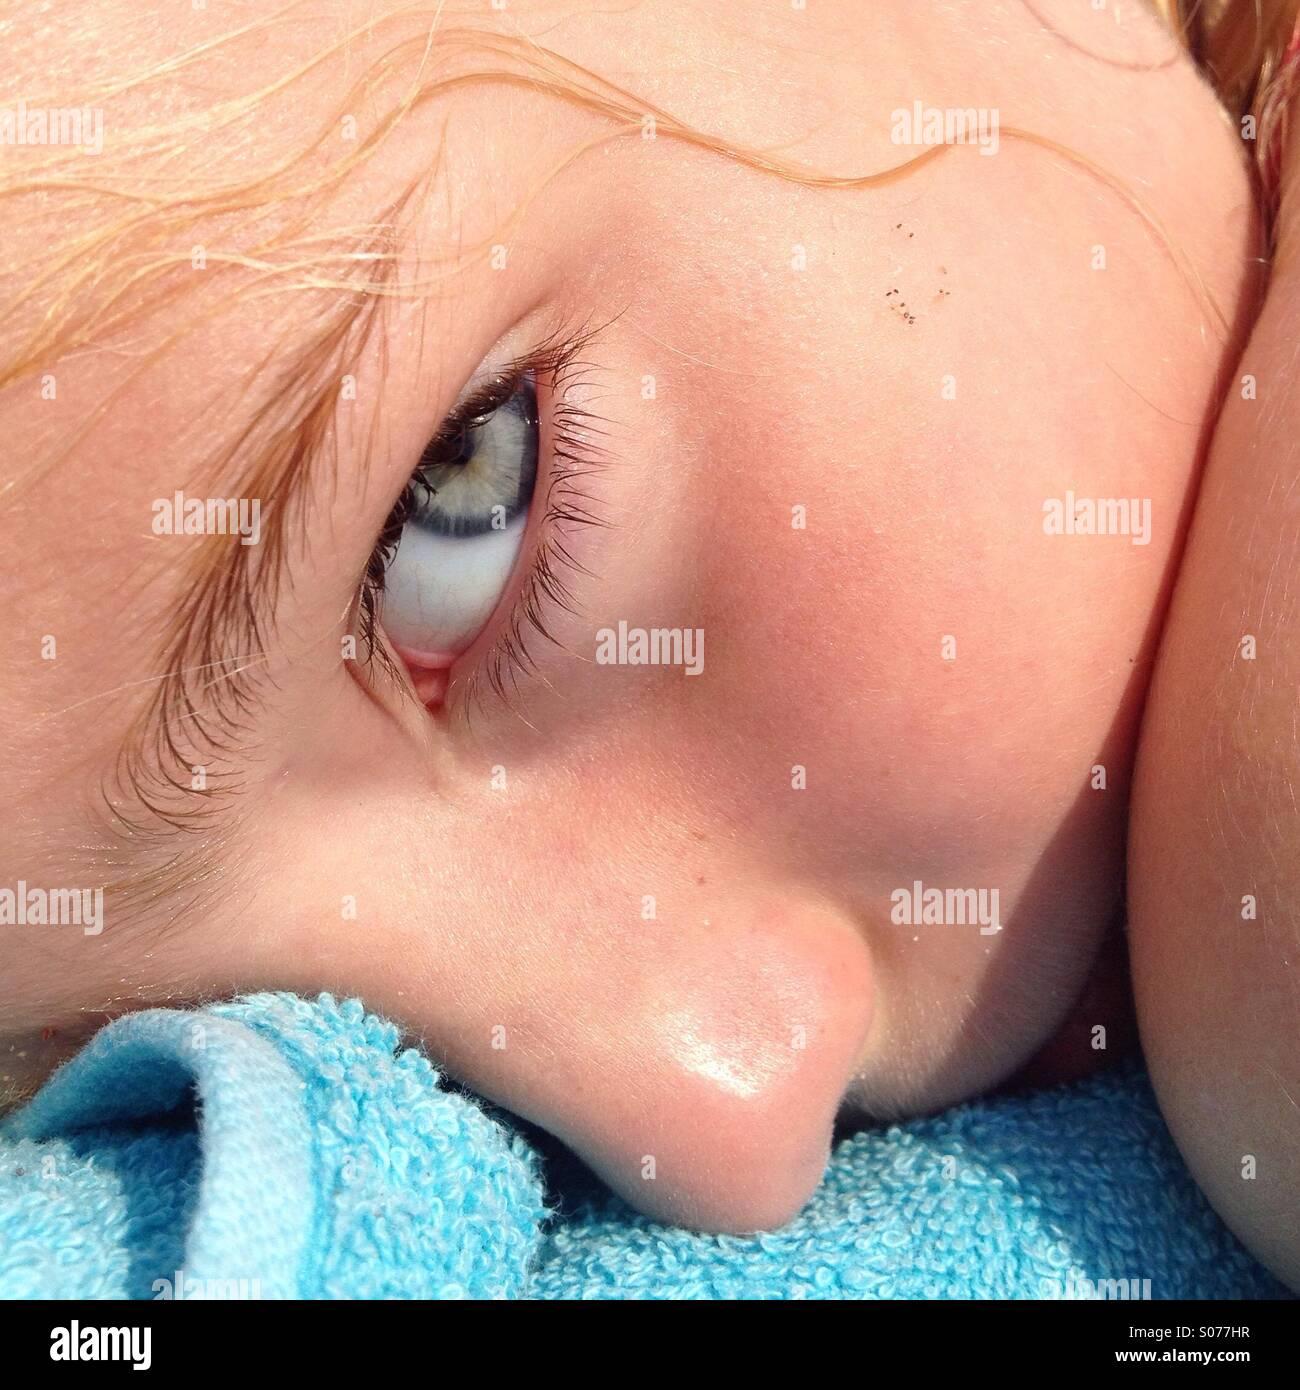 Un gros plan du visage d'une jeune fille se détendre sur une serviette de plage pendant des vacances en Photo Stock